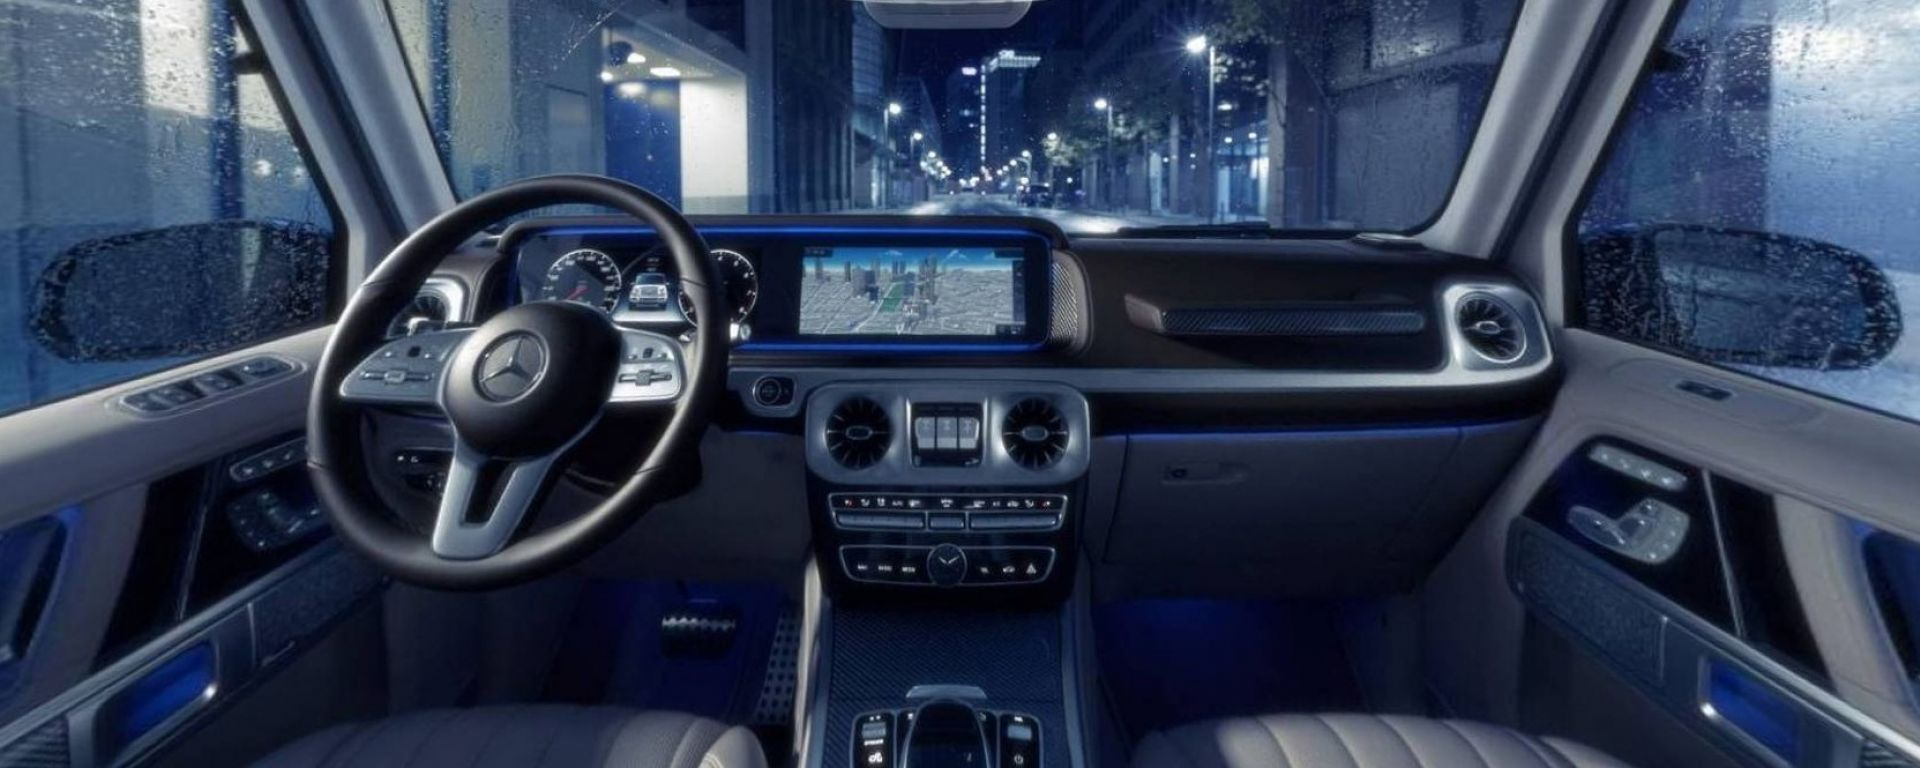 Mercedes Classe G 2019 Con Il Restyling Arrivano I Nuovi